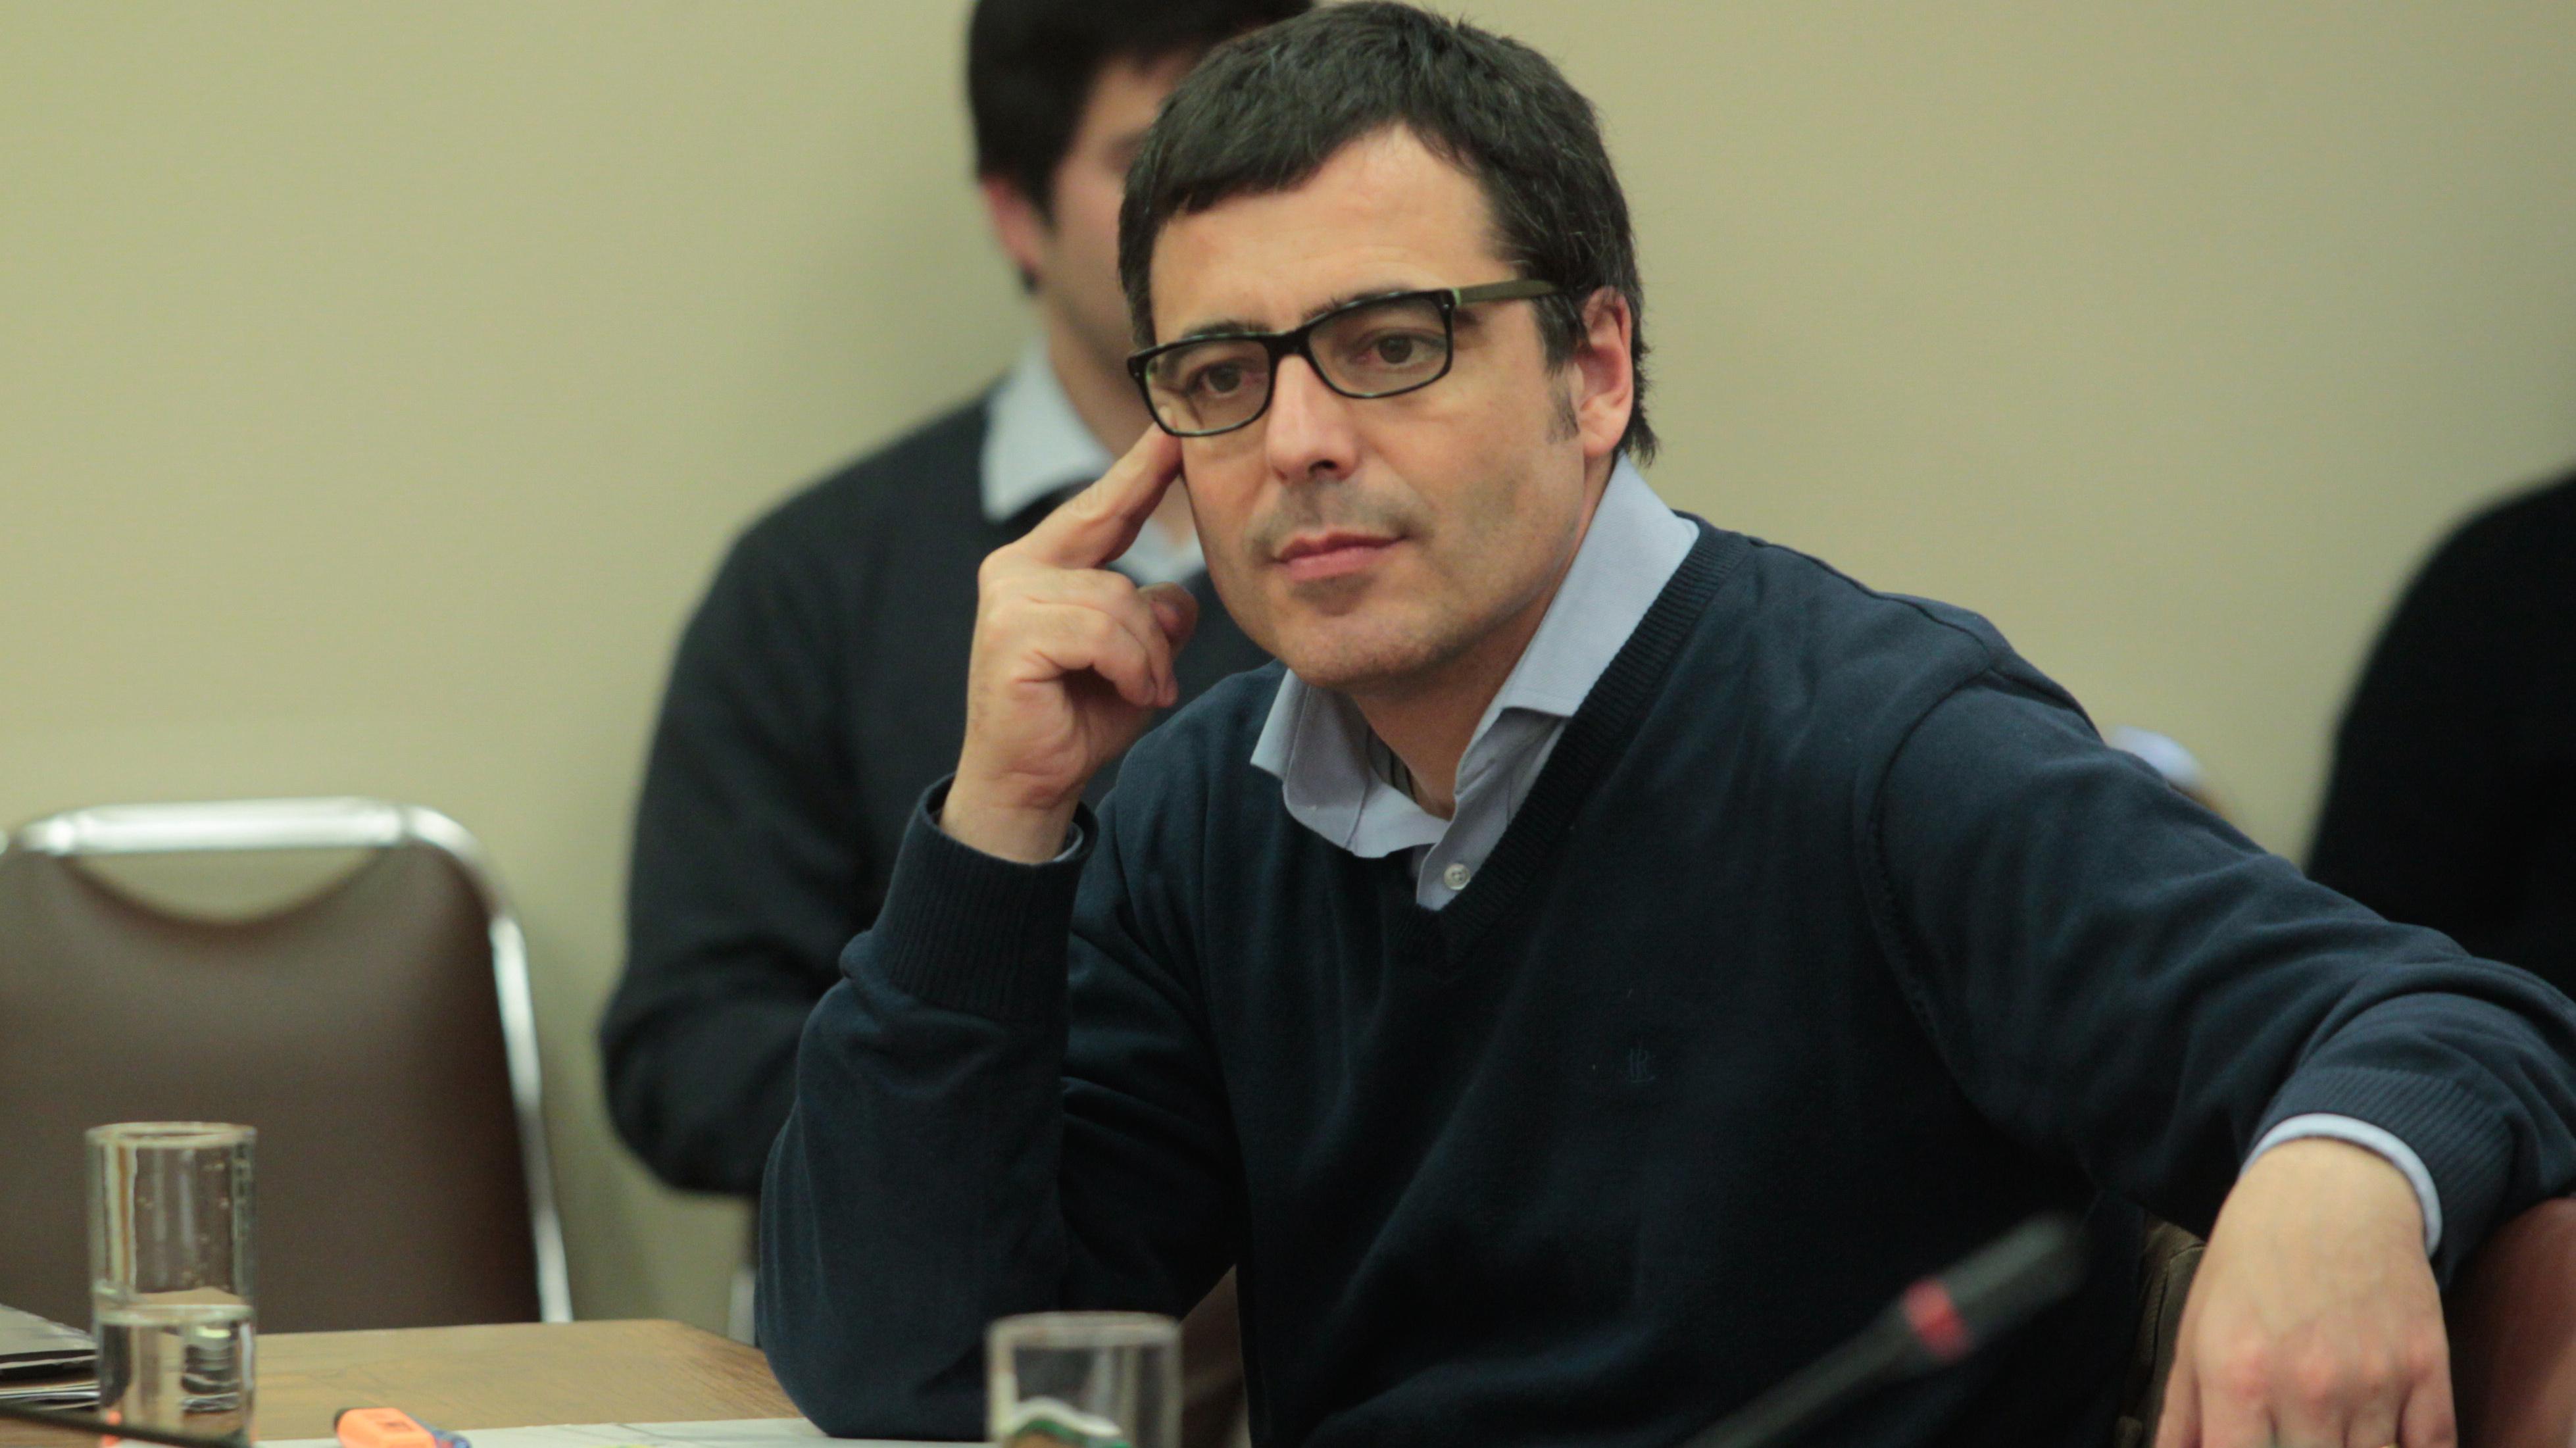 """Diputado Evópoli y renuncia de Aravena: """"Los principios se ven como teóricos hasta que te toca actuar en consecuencia"""""""